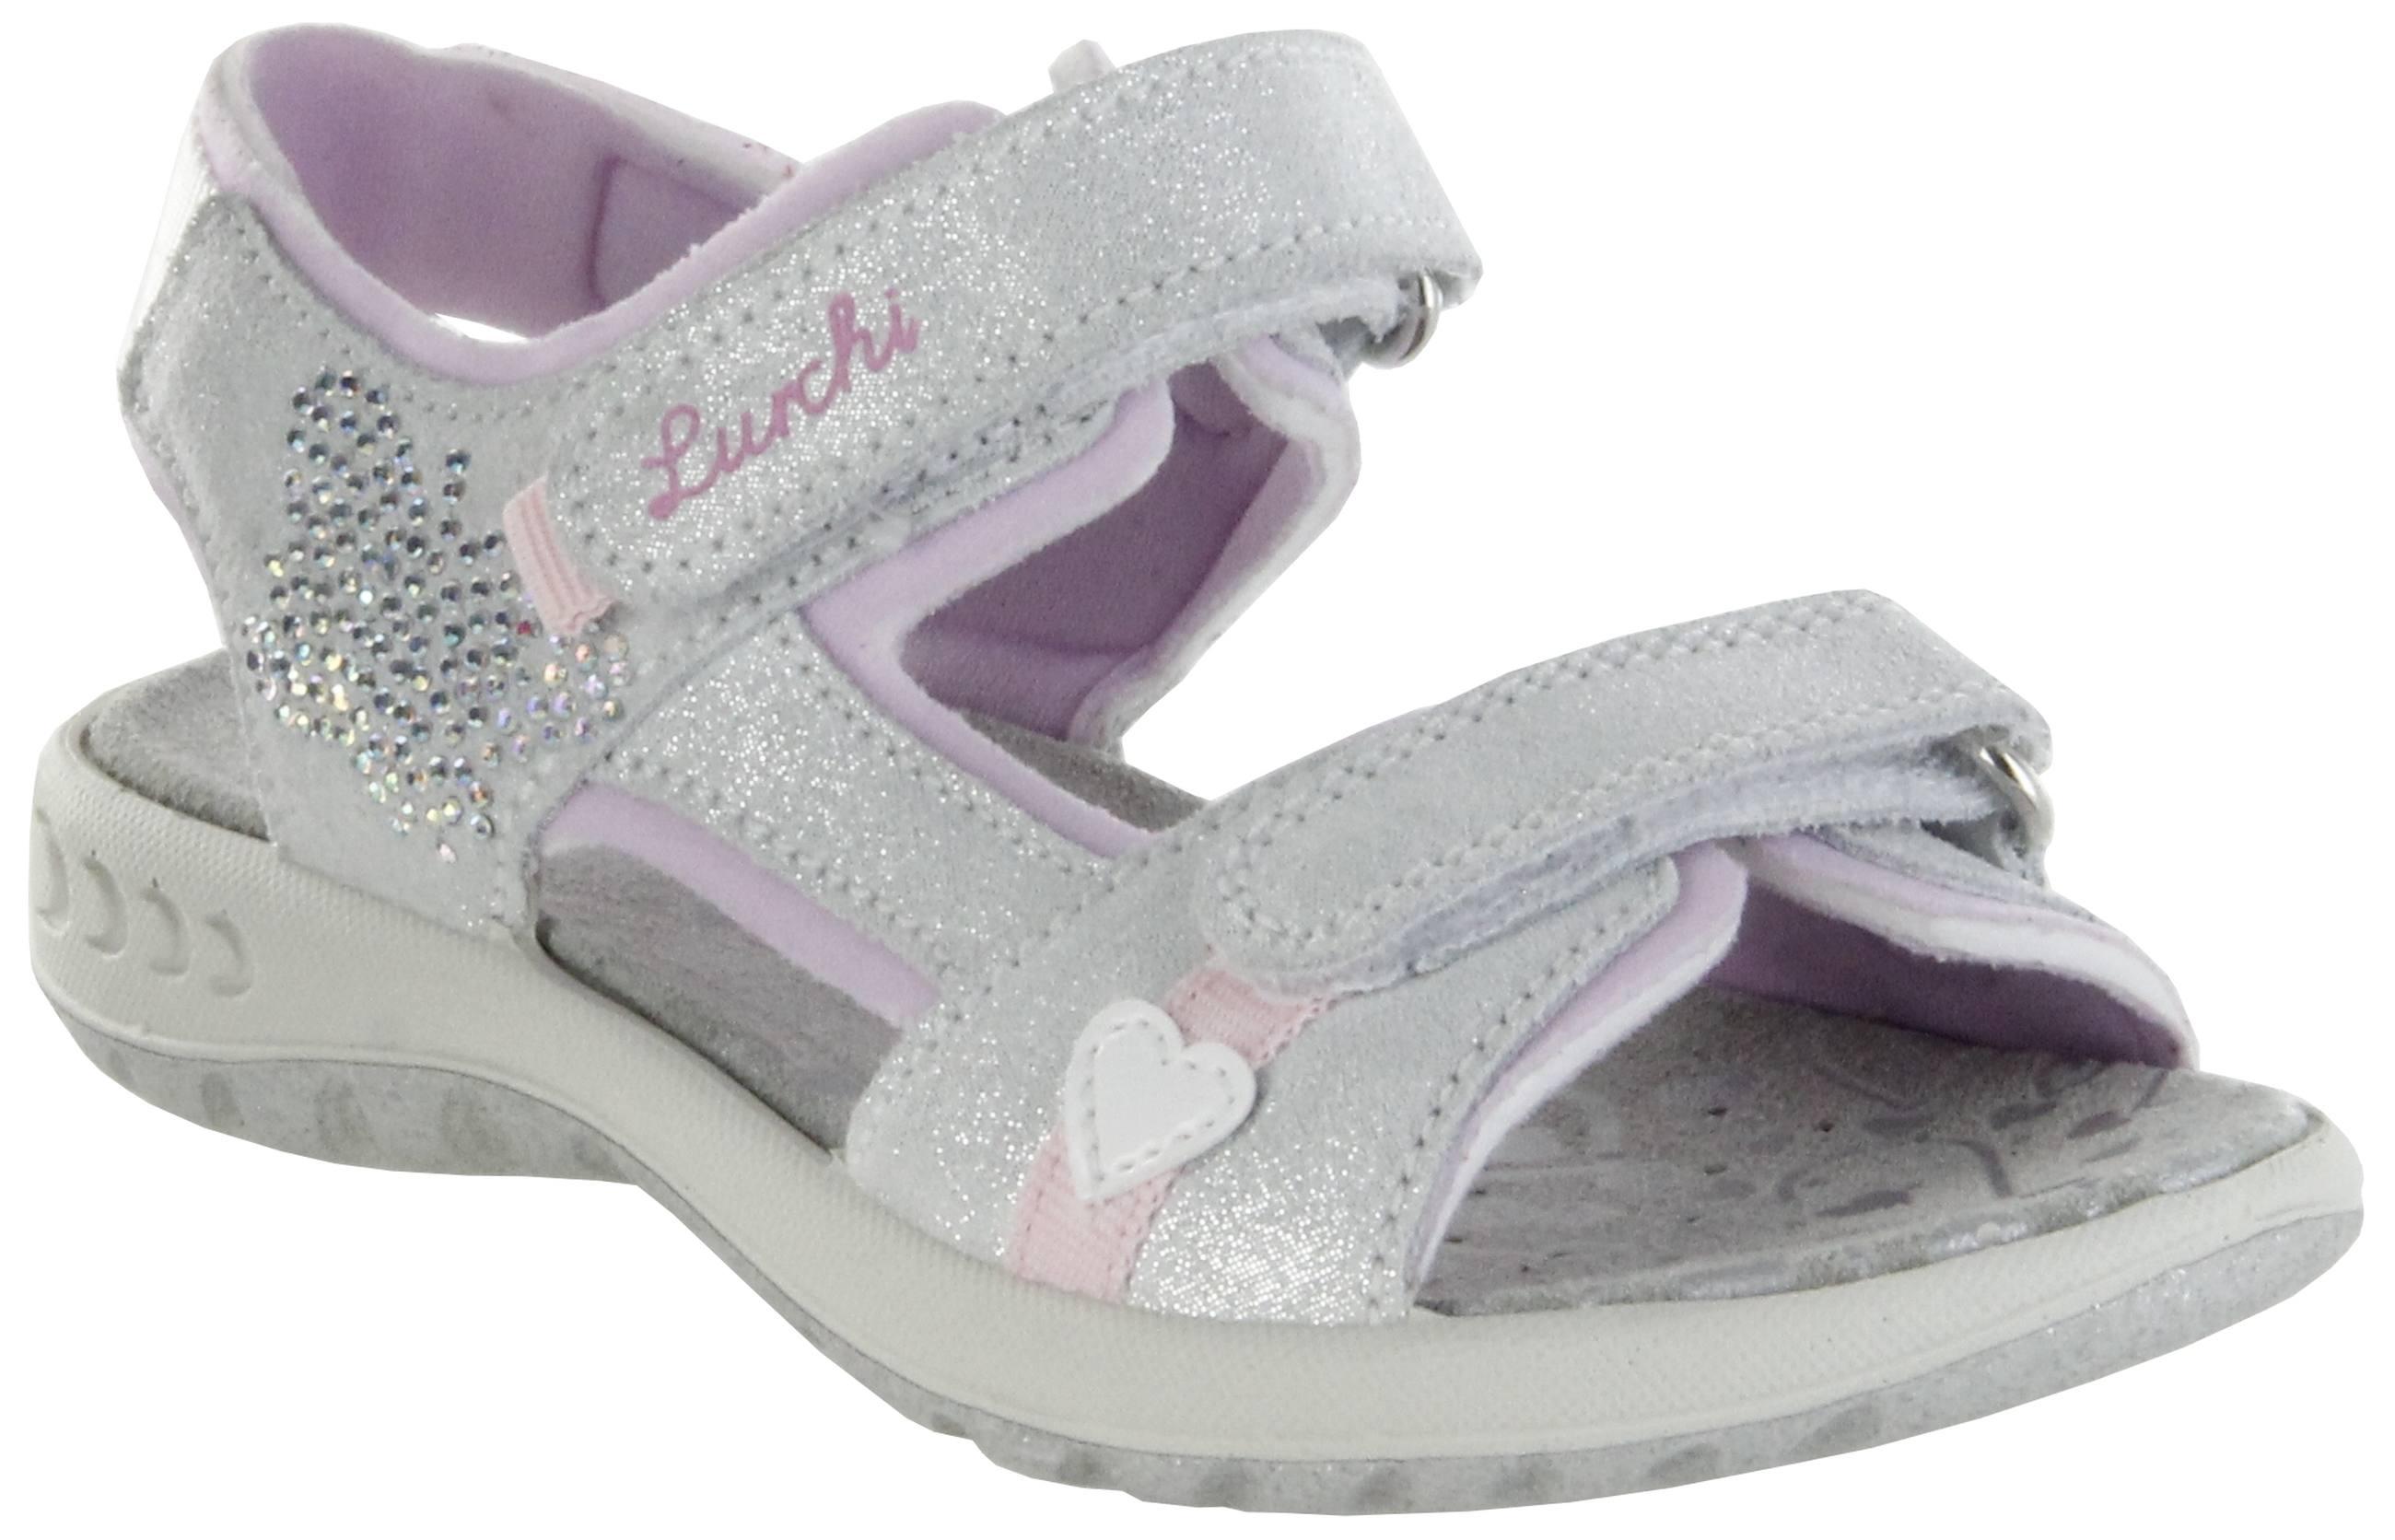 newest f7870 732f8 Lurchi Kinder Sandaletten silber Leder Lederdeck Mädchen Schuhe 33-18805-29  Fia